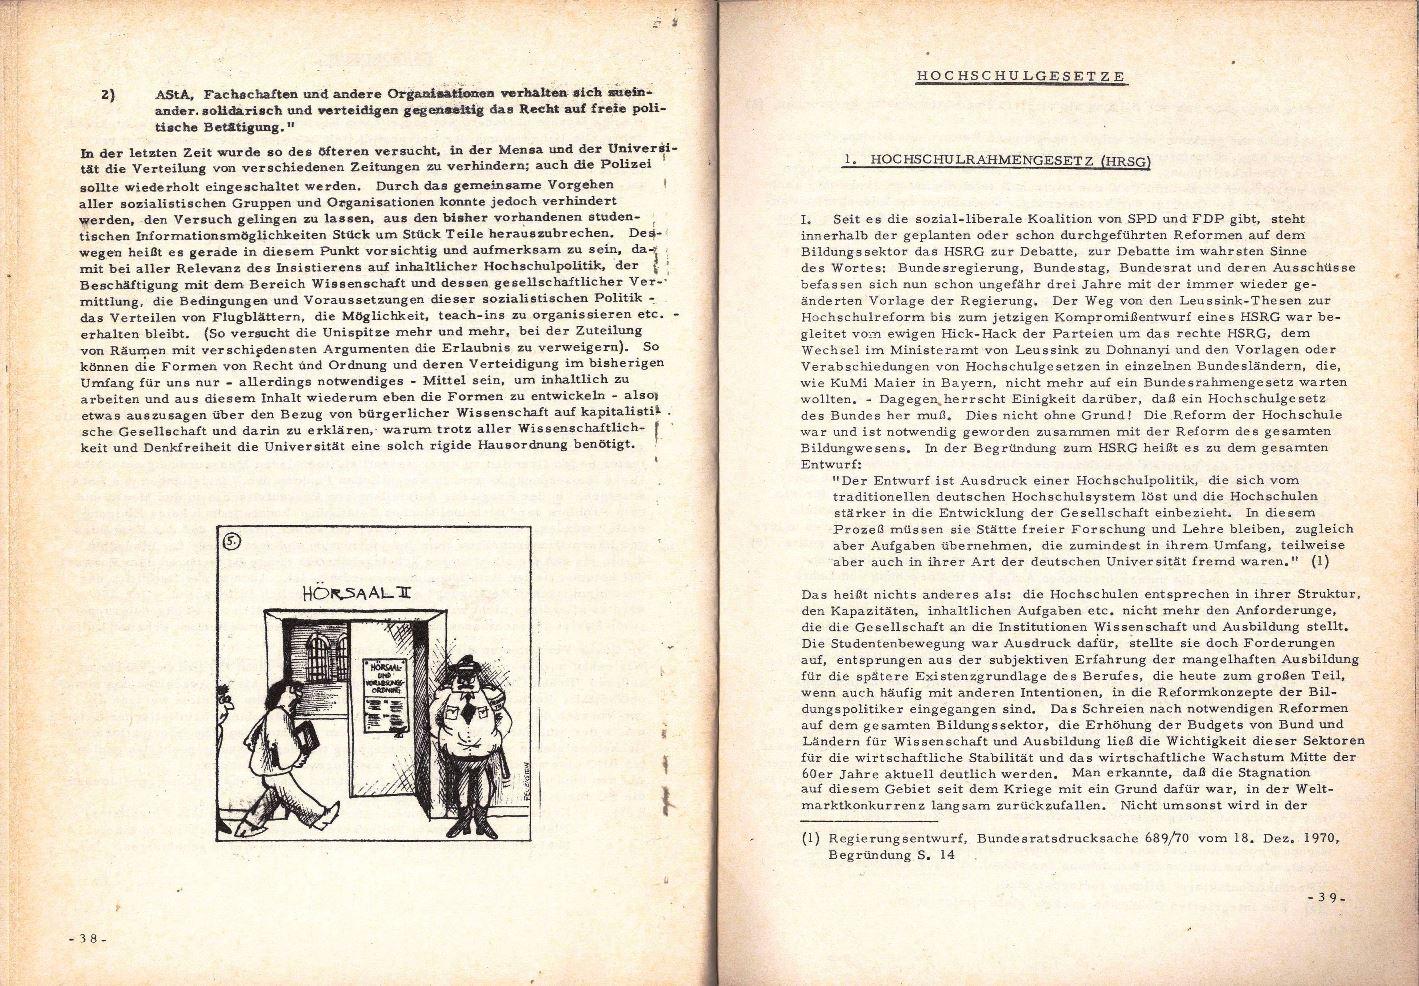 Muenchen_Hochschulpolitik023